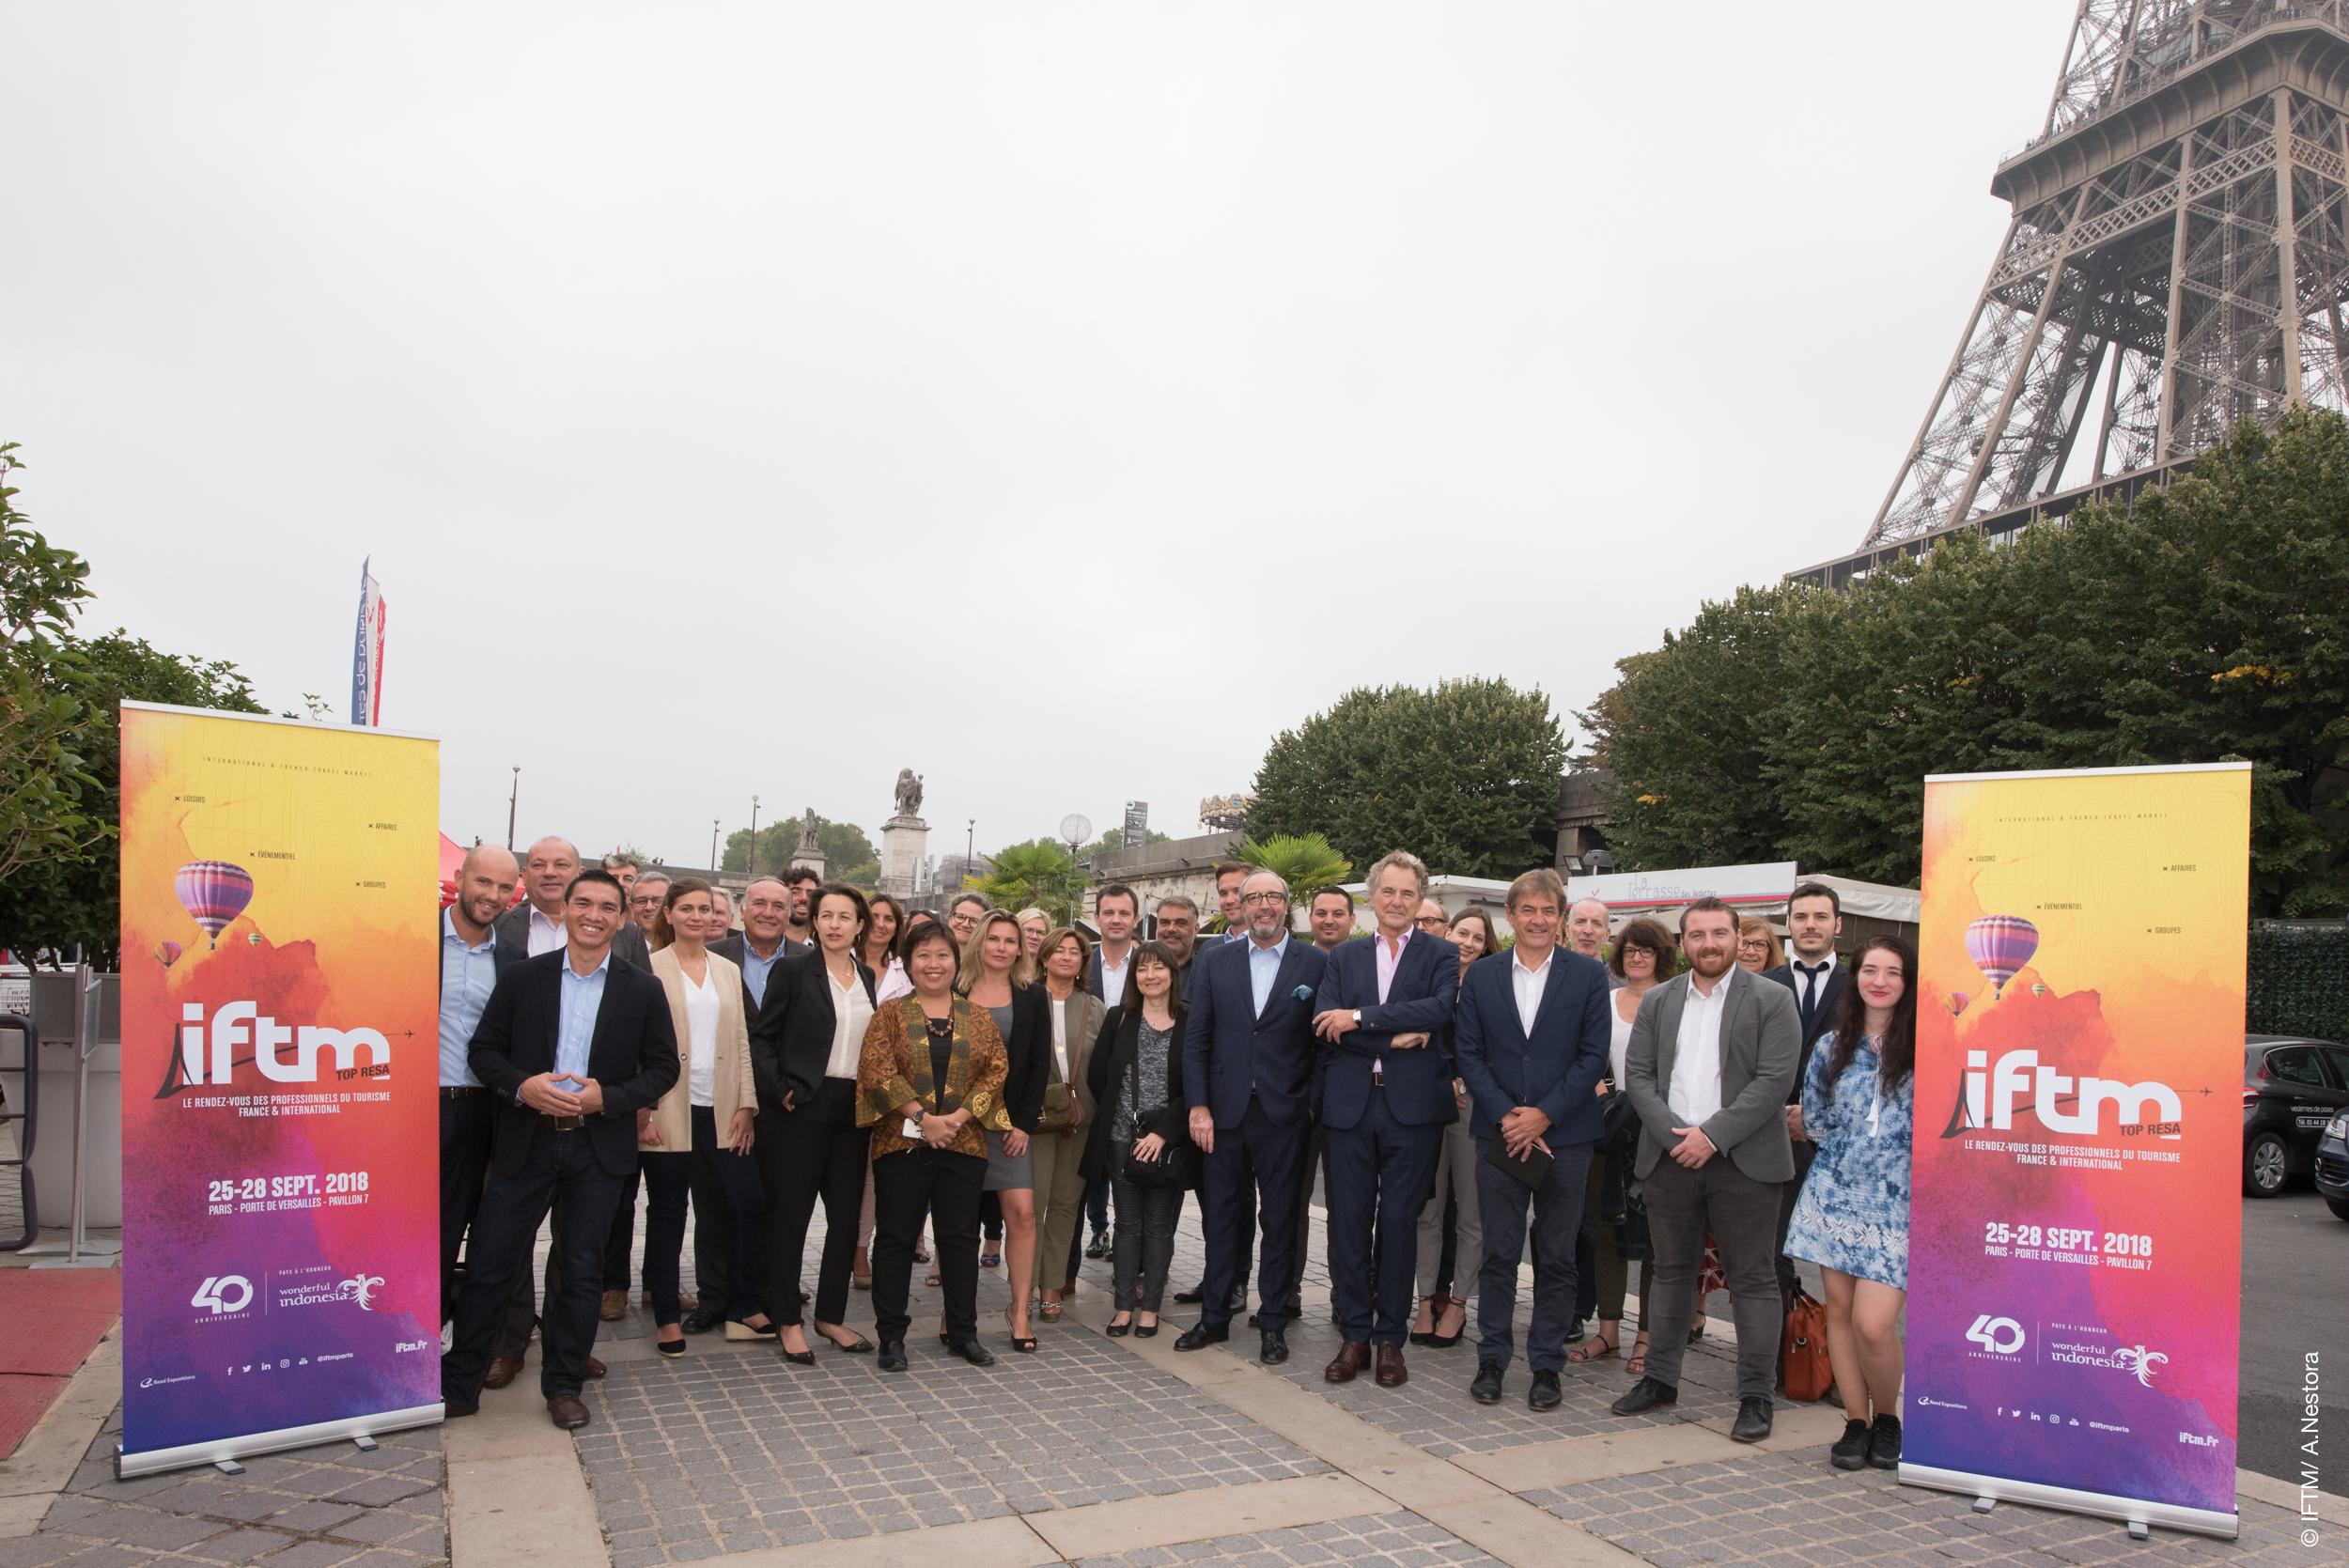 L'équipe de l'IFTM Top Resa aux pieds de la tour Eiffel - DR : A. Nestora